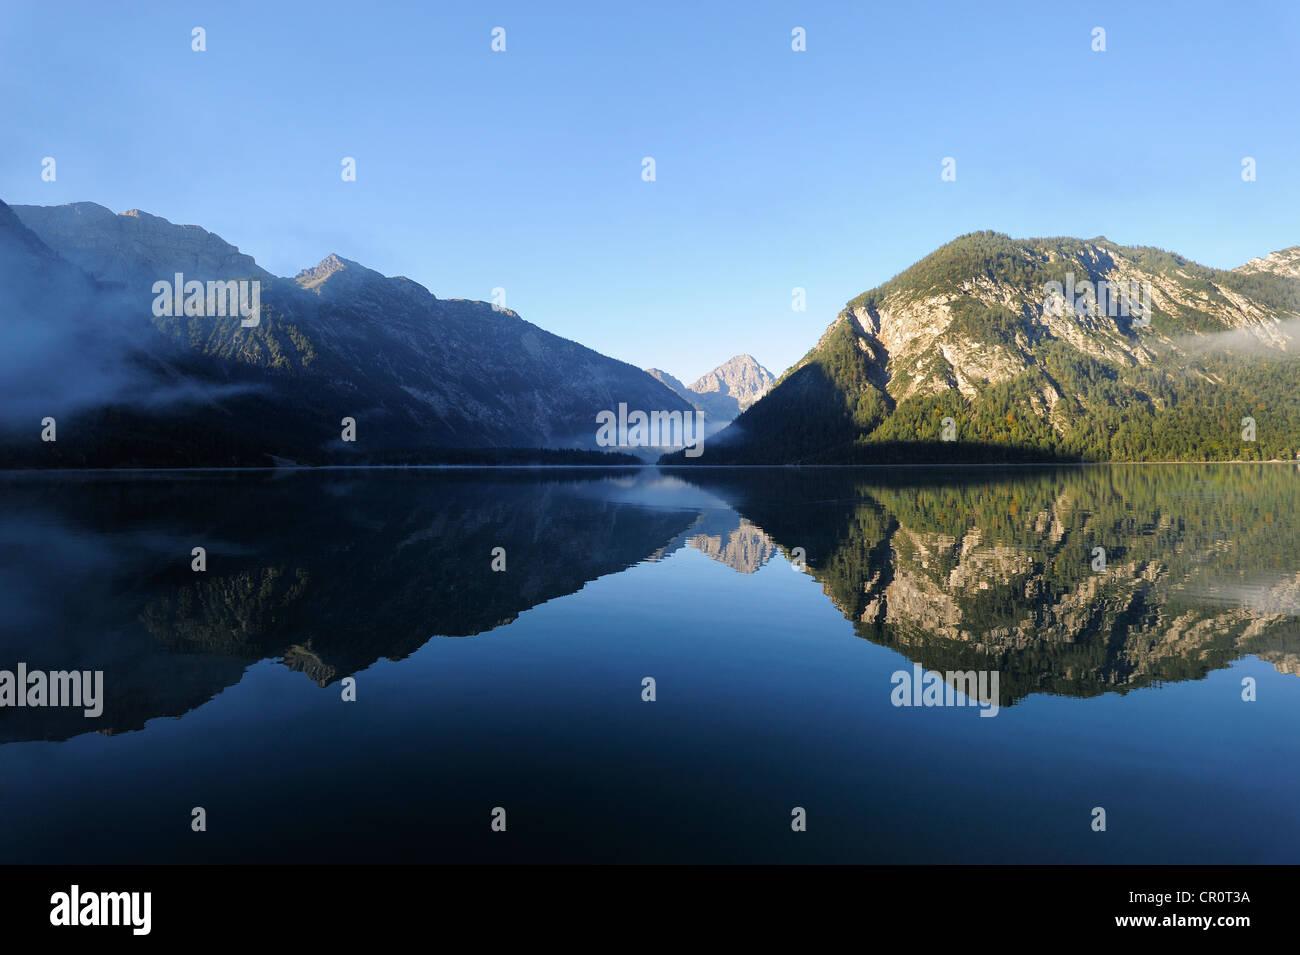 Lago Plansee, Alpes Ammergau, montañas Ammergebirge, mirando hacia la montaña Lechtal Thaneller en los Imagen De Stock